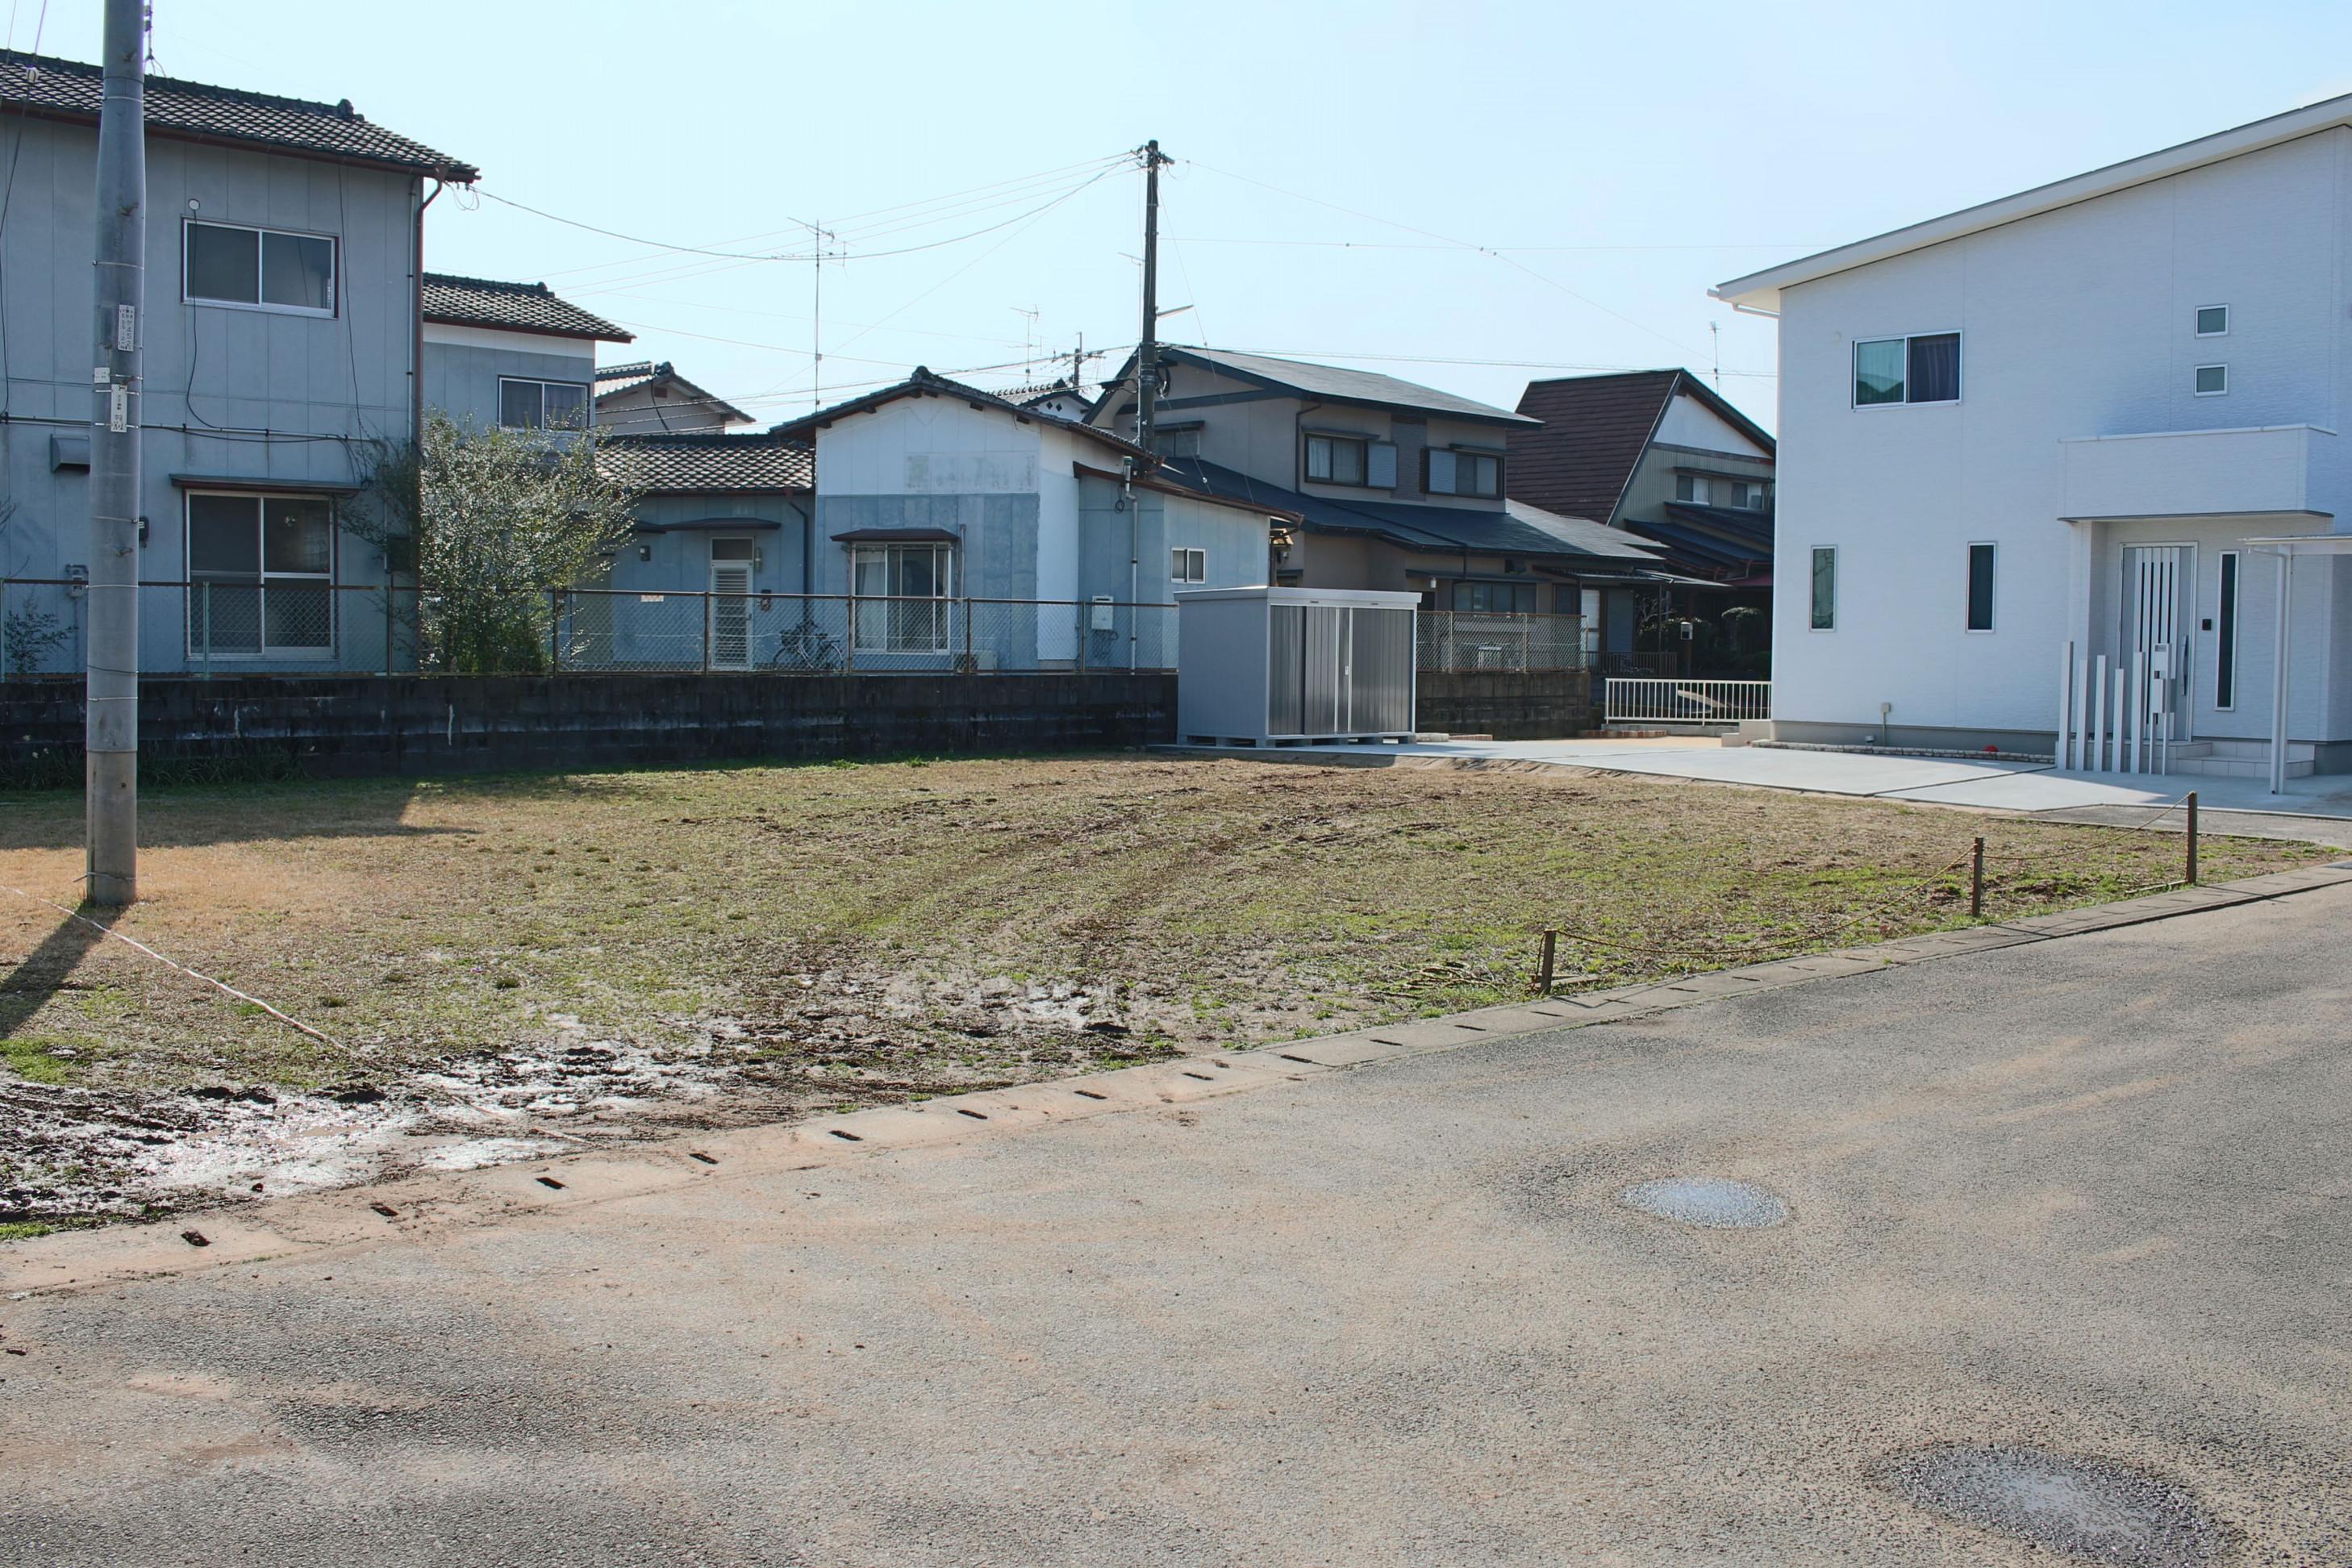 ◆【売地】鹿島市犬王袋分譲地 5号地です。Aコープかしま本店まで約1200mです。